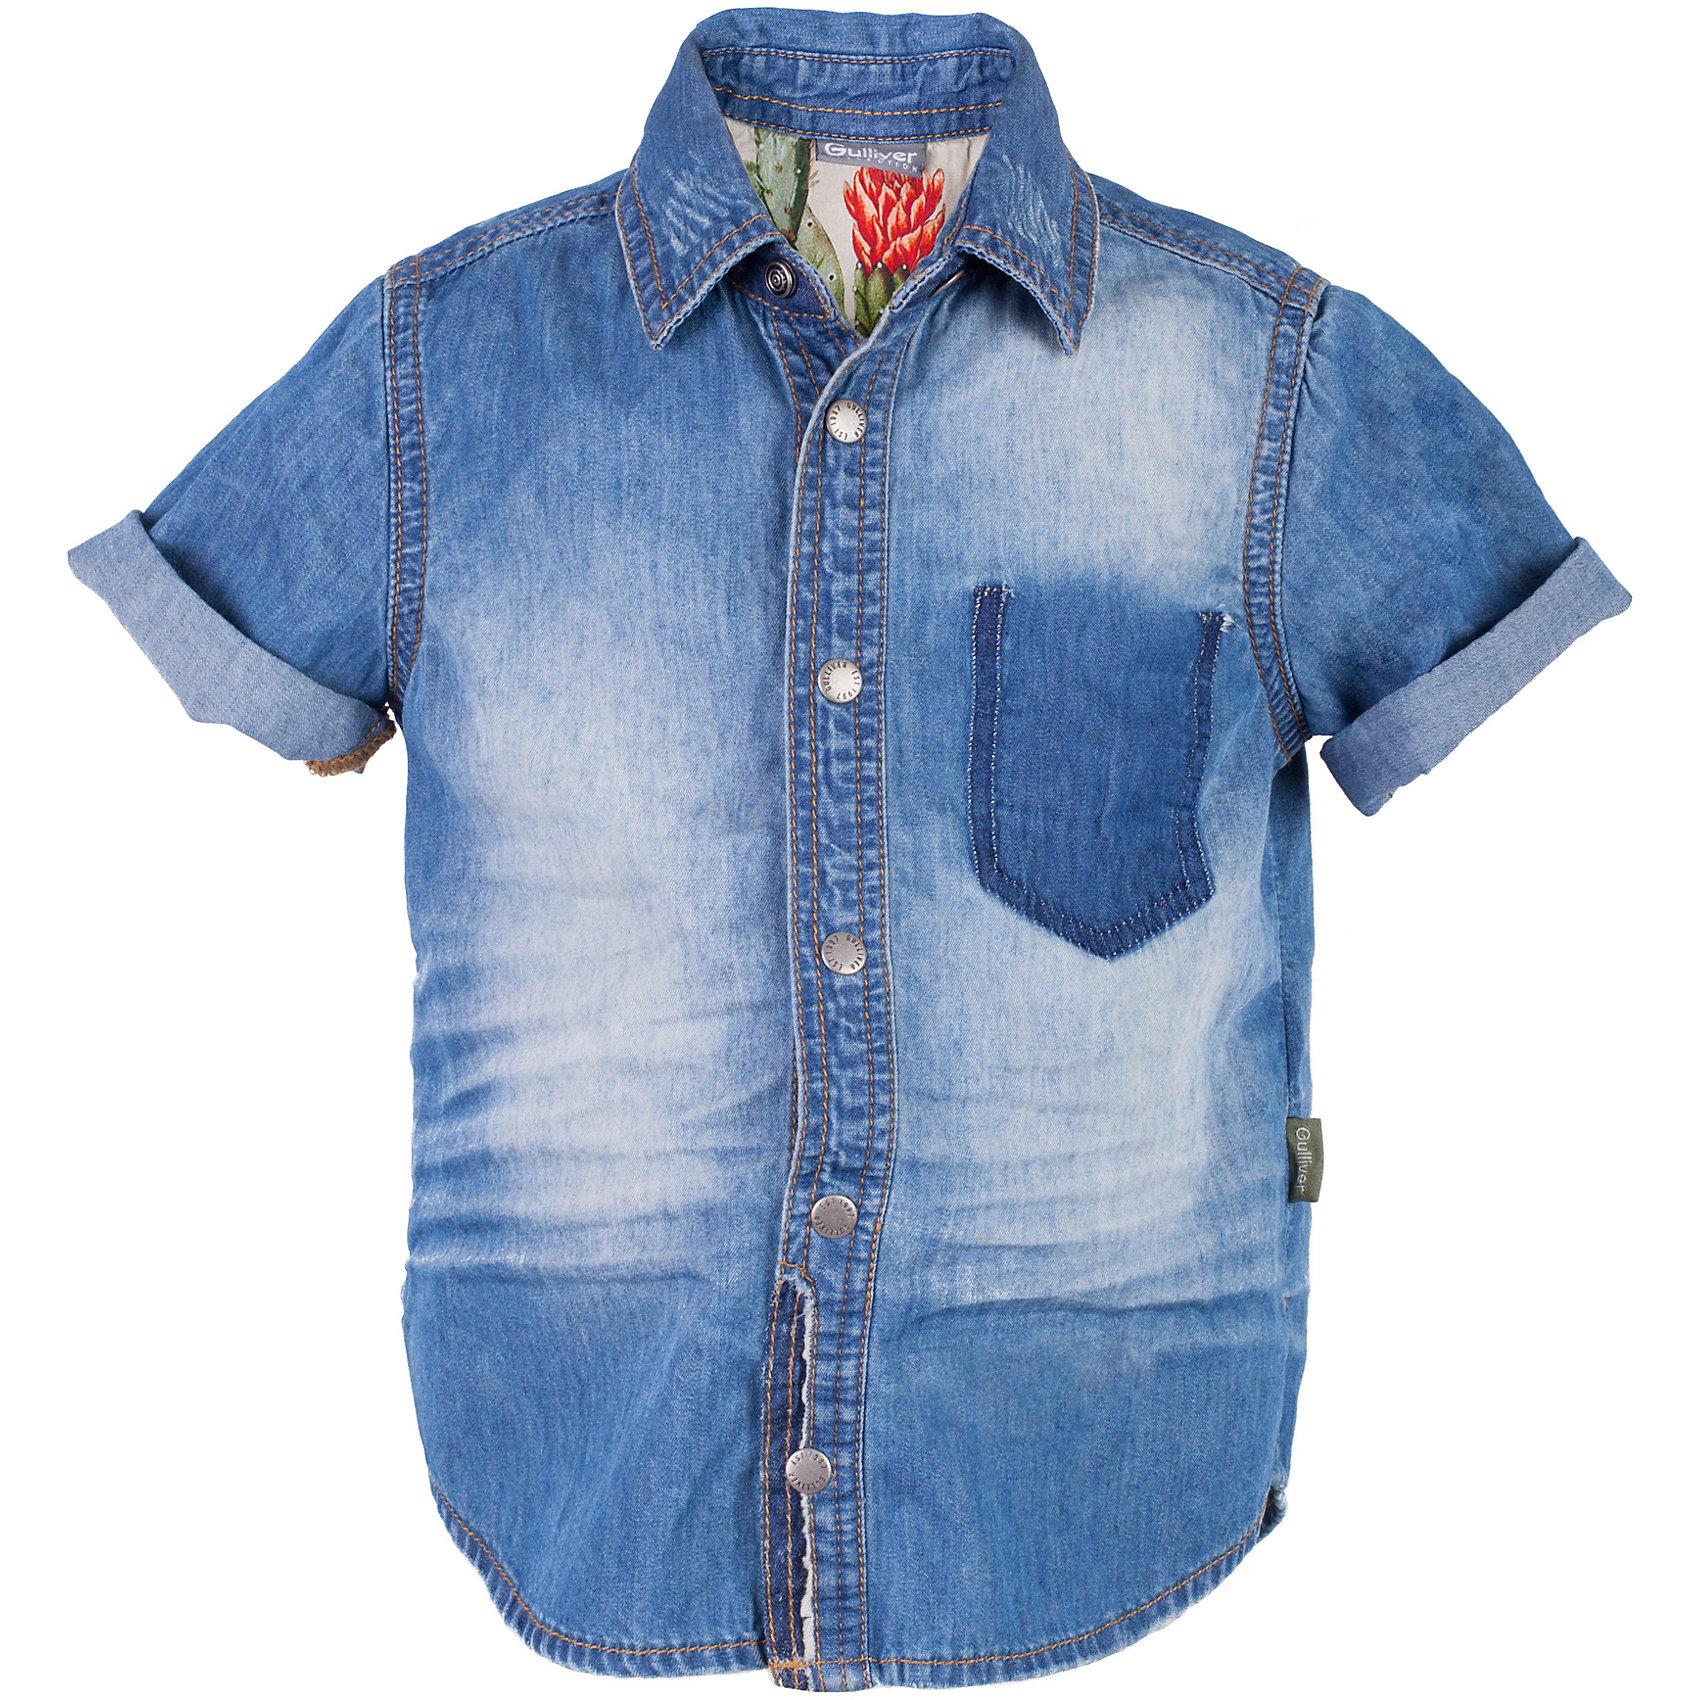 Рубашка джинсовая для мальчика GulliverБлузки и рубашки<br>Джинсовая рубашка для мальчика входит в Топ 10 самых популярных моделей сезона Весна/Лето 2017! Модная форма, классная варка, замины, повреждения, заплатки делают рубашку ярким акцентом повседневного образа. Симпатичный элемент, внутренняя кокетка спинки, созданная из цветного текстиля, говорит о продуманности и внимании к деталям. Стильная джинсовая рубашка - идеальный вариант для тех, кто идет в ногу со временем, предпочитая безупречный стиль и элегантность от Gulliver.<br>Состав:<br>100% хлопок<br><br>Ширина мм: 174<br>Глубина мм: 10<br>Высота мм: 169<br>Вес г: 157<br>Цвет: синий<br>Возраст от месяцев: 36<br>Возраст до месяцев: 48<br>Пол: Мужской<br>Возраст: Детский<br>Размер: 104,98,116,110<br>SKU: 5483796